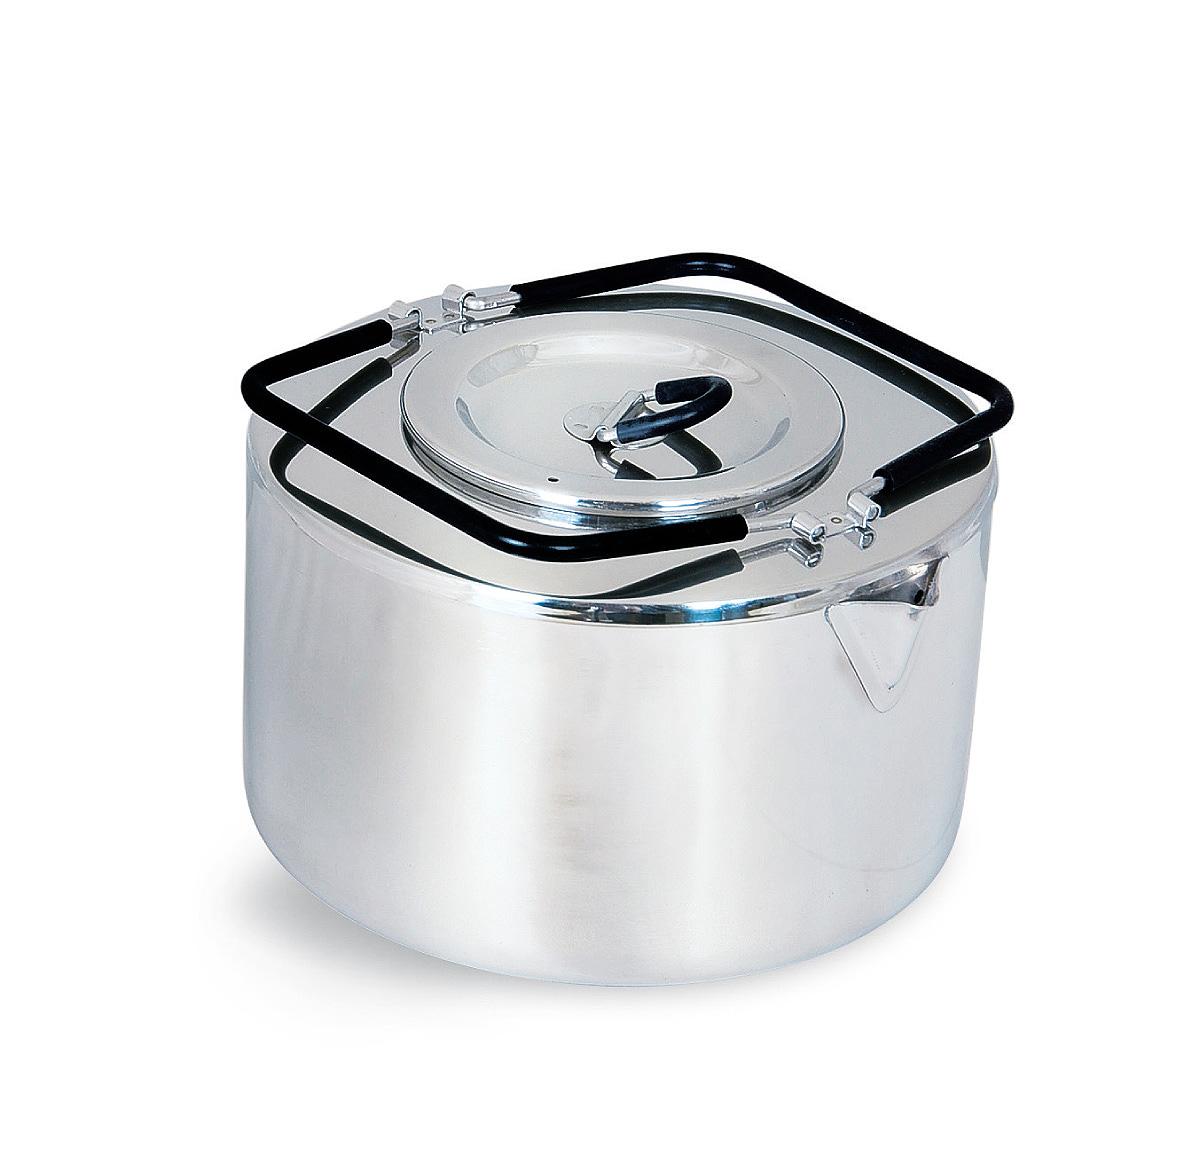 Чайник походный Tatonka Teapot, 2,5 л4011.000Чайник Tatonka Teapot из нержавеющей стали с термоизолированными ручками и компактным дизайном. Замечательно подходит для использования дома и на выезде. В комплекте ситечко из нержавеющей стали.Преимущества и особенности:Высококачественная нержавеющая сталь.Складные термоизолированные ручки.Крышка со складной термоизолированной ручкой.Компактный дизайн.Ситечко из нержавеющей стали.Диаметр чайника: 18 см.Высота чайника: 10 см.